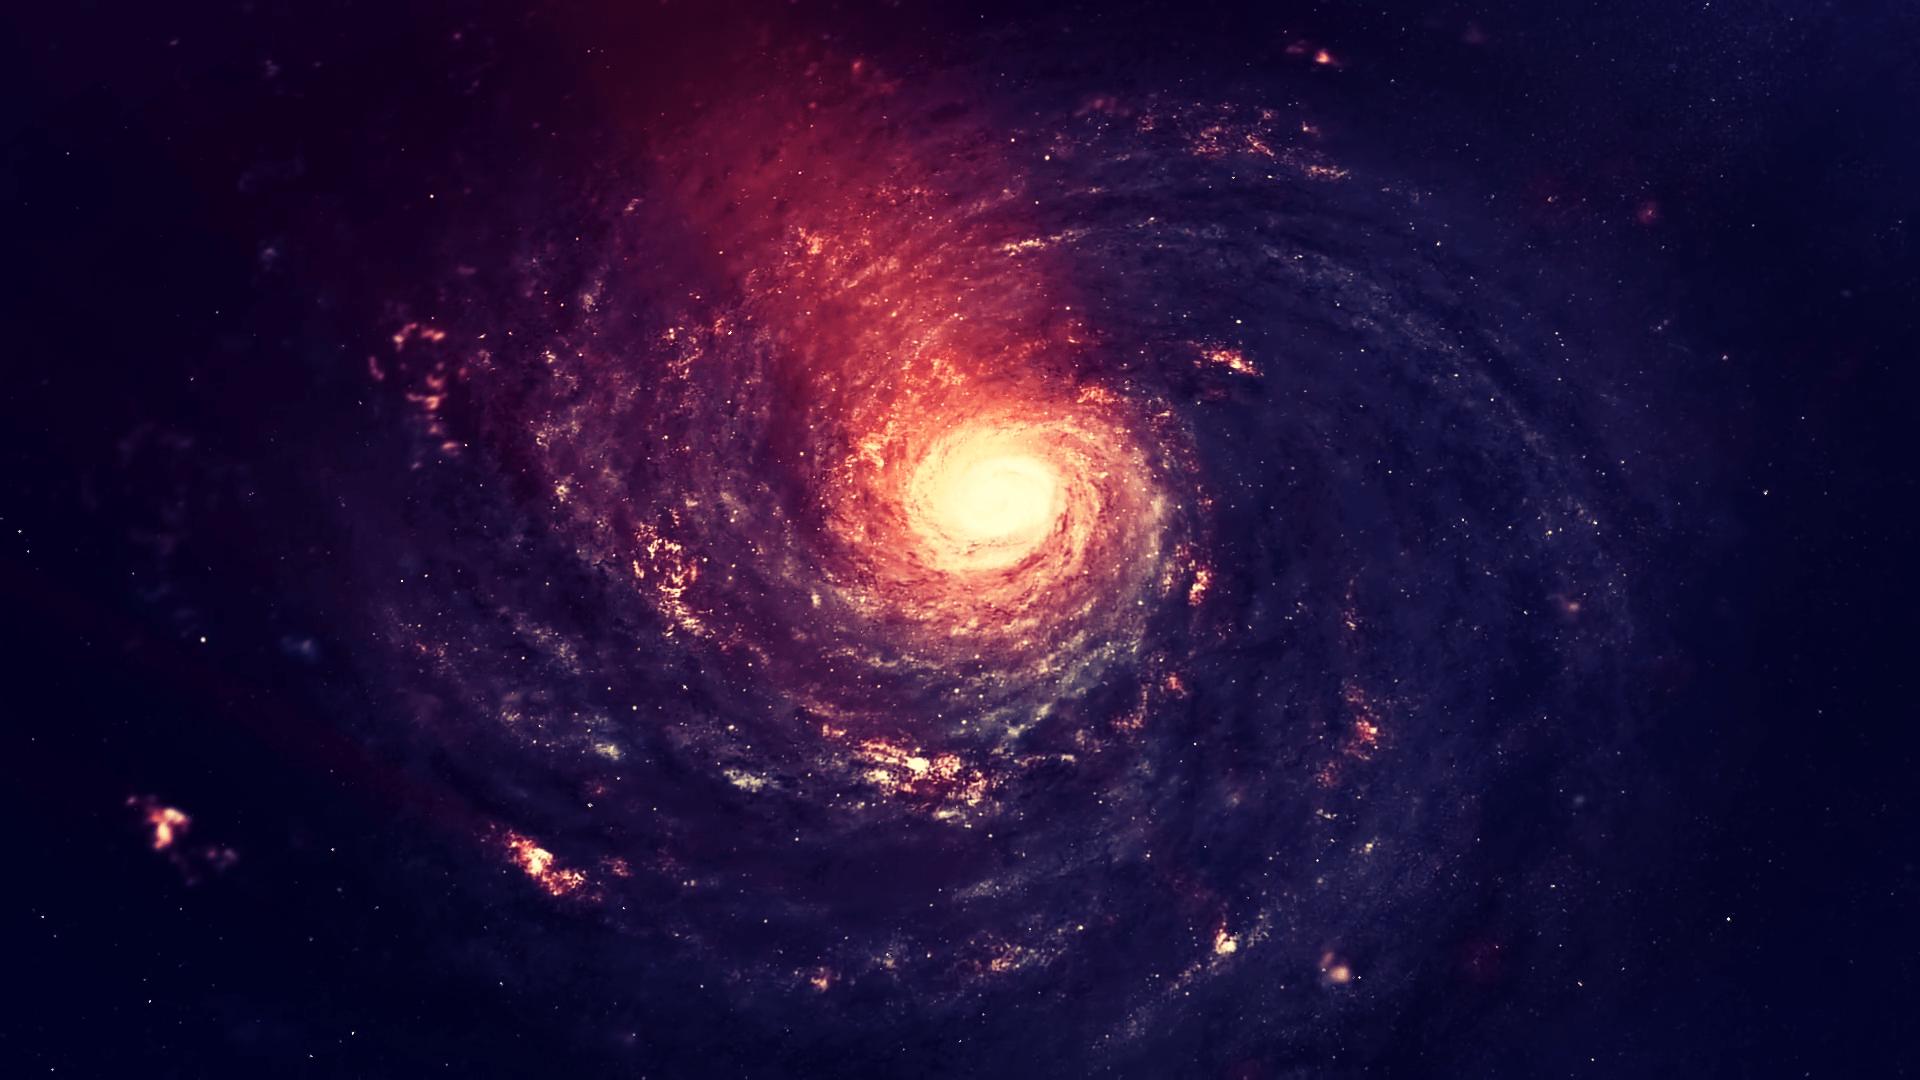 做宇宙的中心被世界关注像明星还是做被世界遗忘在角落的人好? 星期一神创造了世界